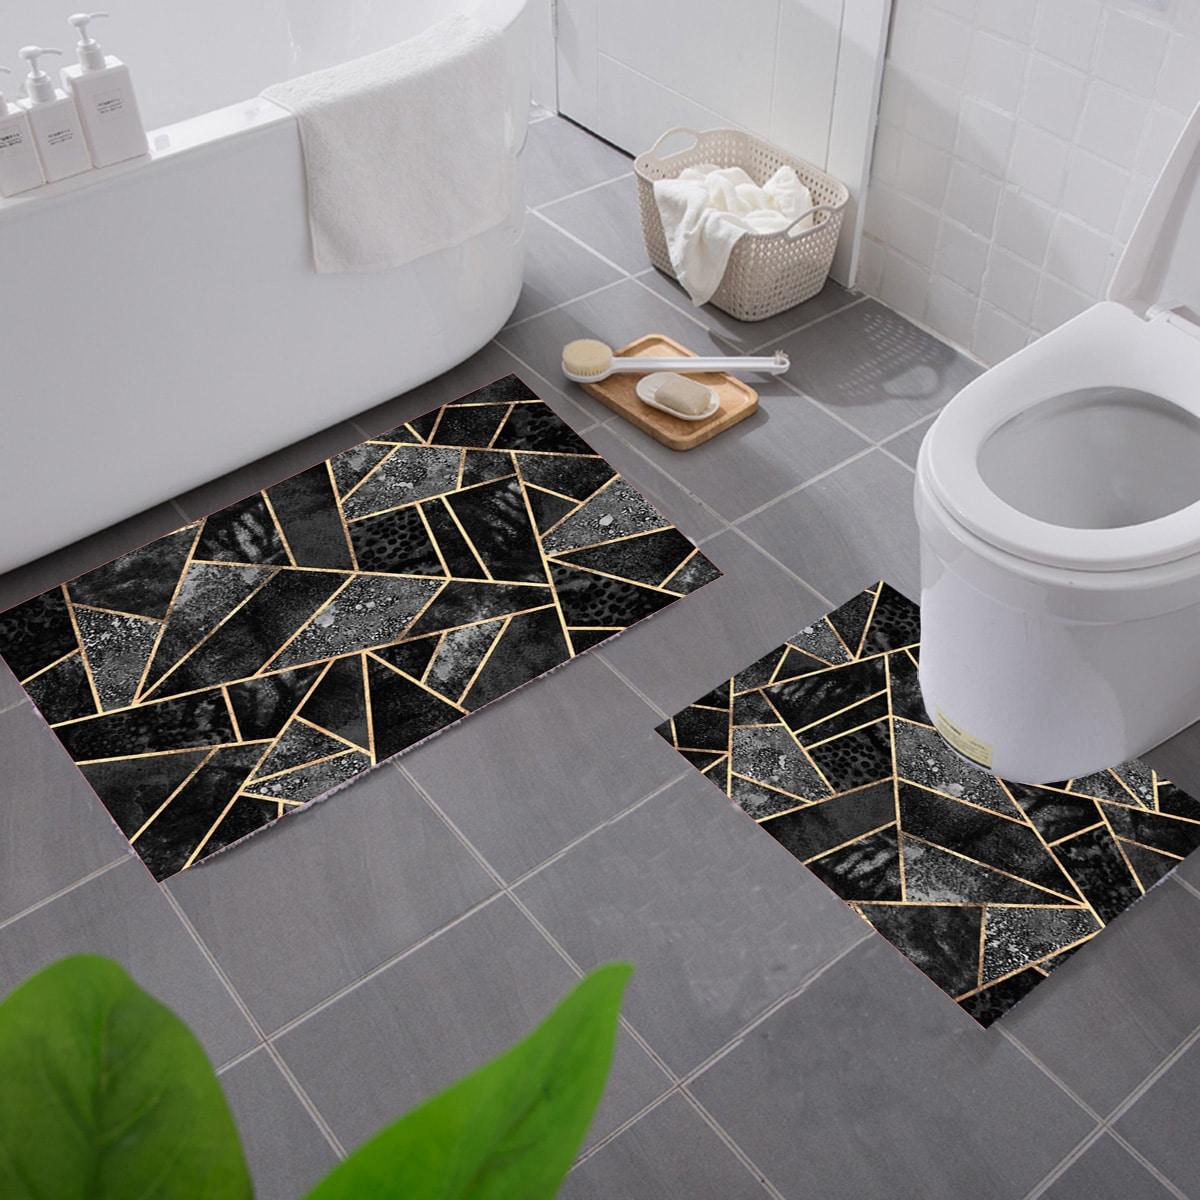 1шт Коврик для ванной с геометрическим узором